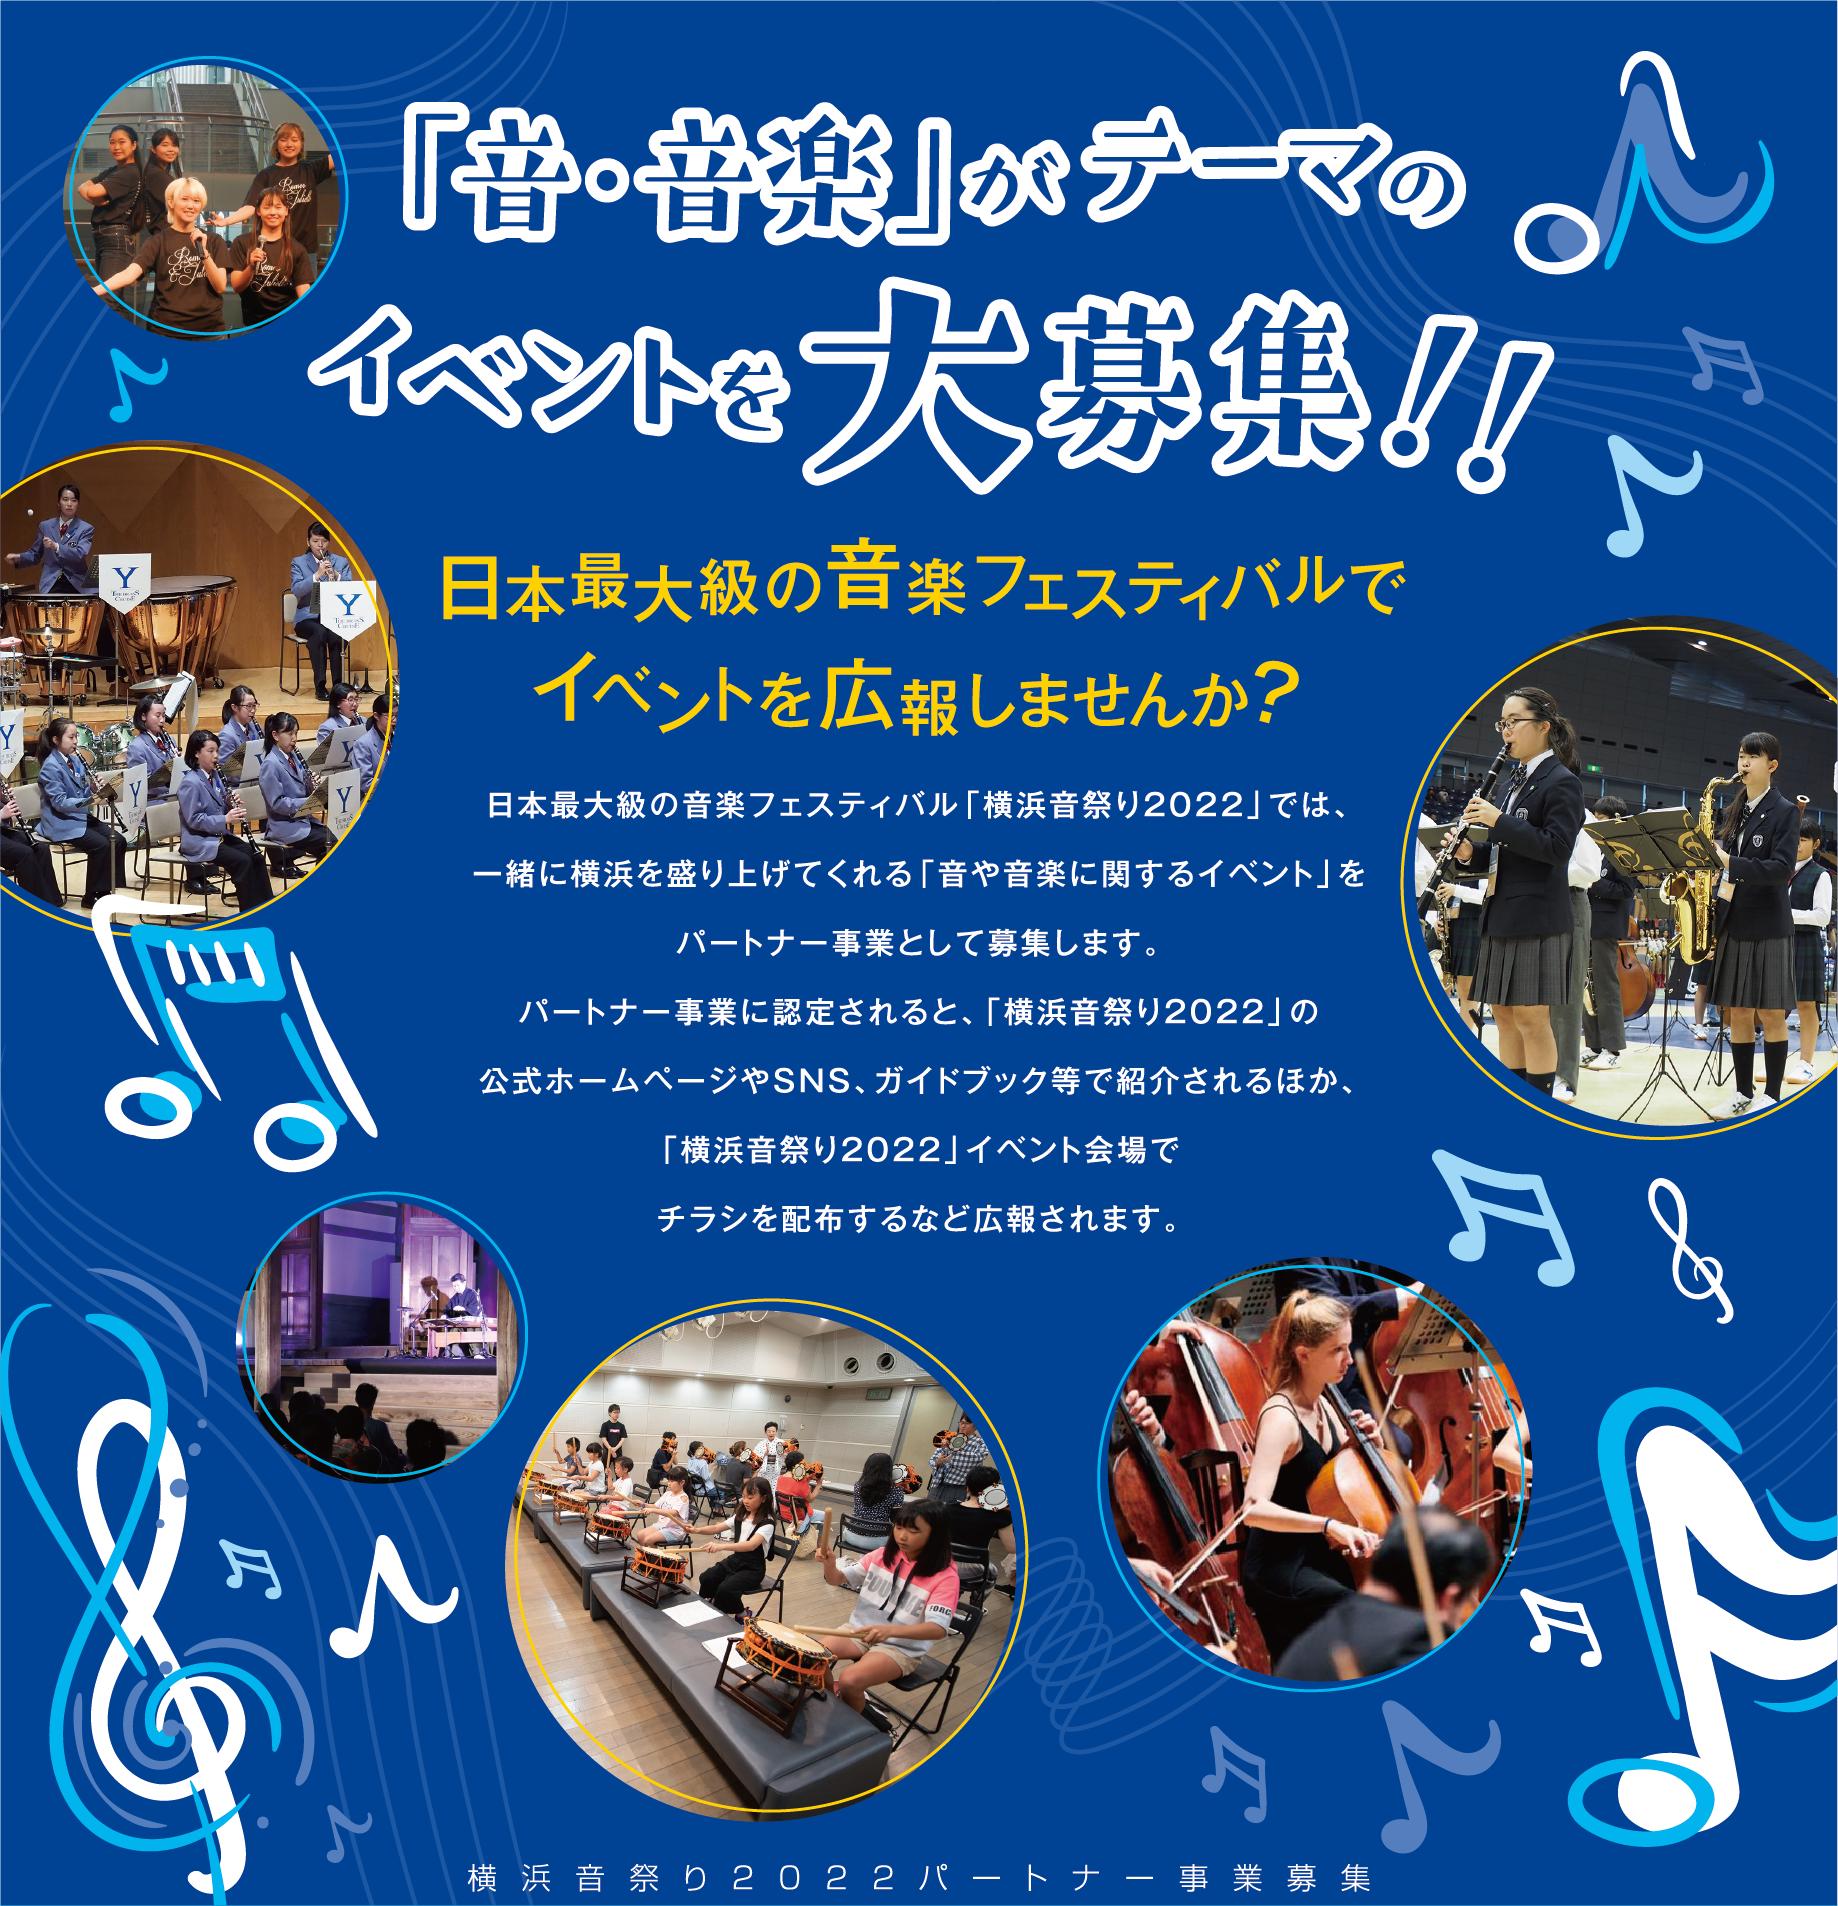 日本最大級の音楽フェスティバルでイベントを広報しませんか?横浜で開催する音楽イベント大募集!